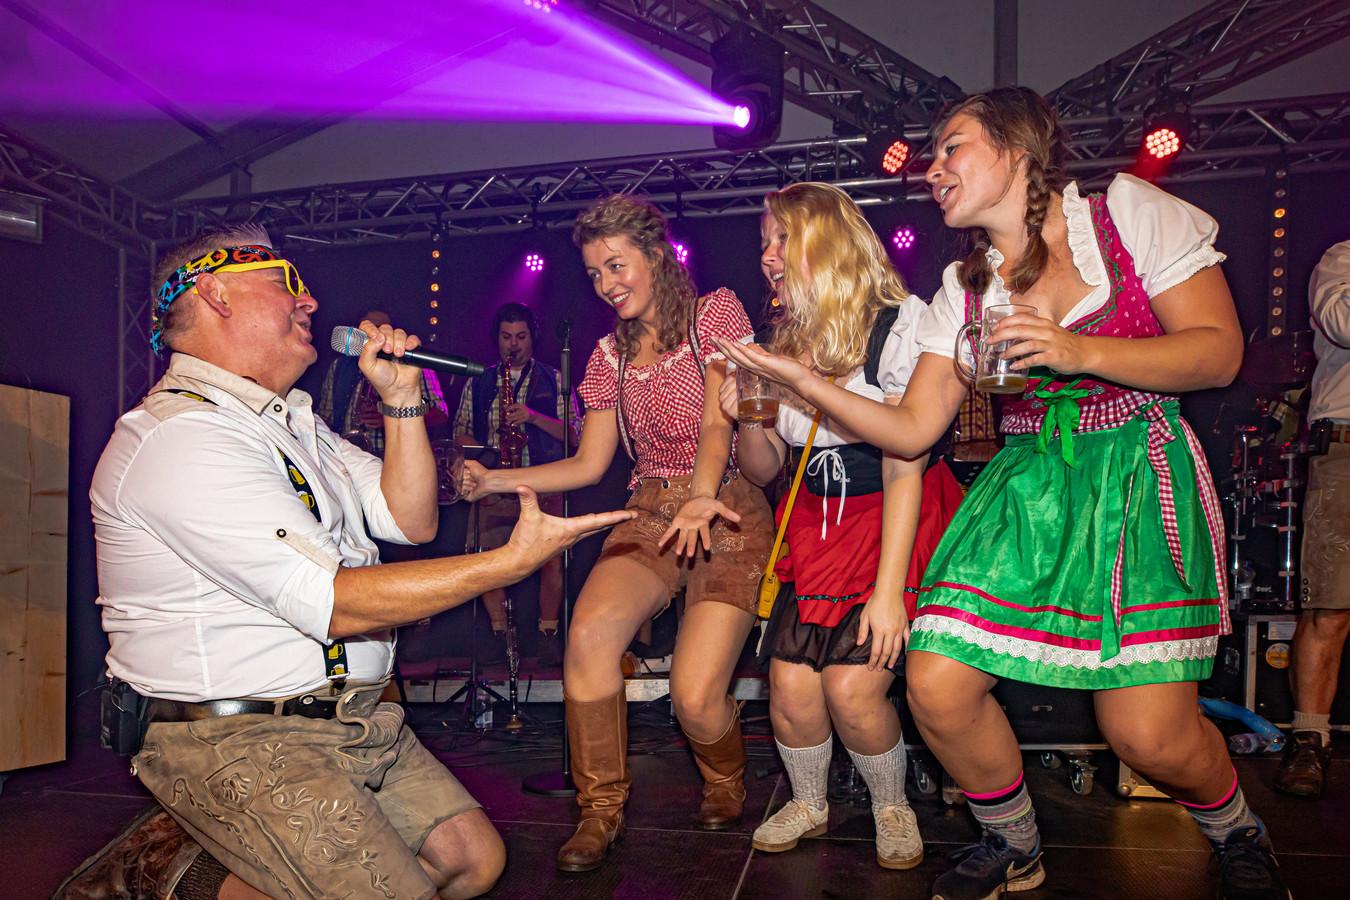 De zanger van Die Party Hosen bezingt drie dames uit het publiek tijdens de eerste editie van het Amersfoortse Oktoberfest.